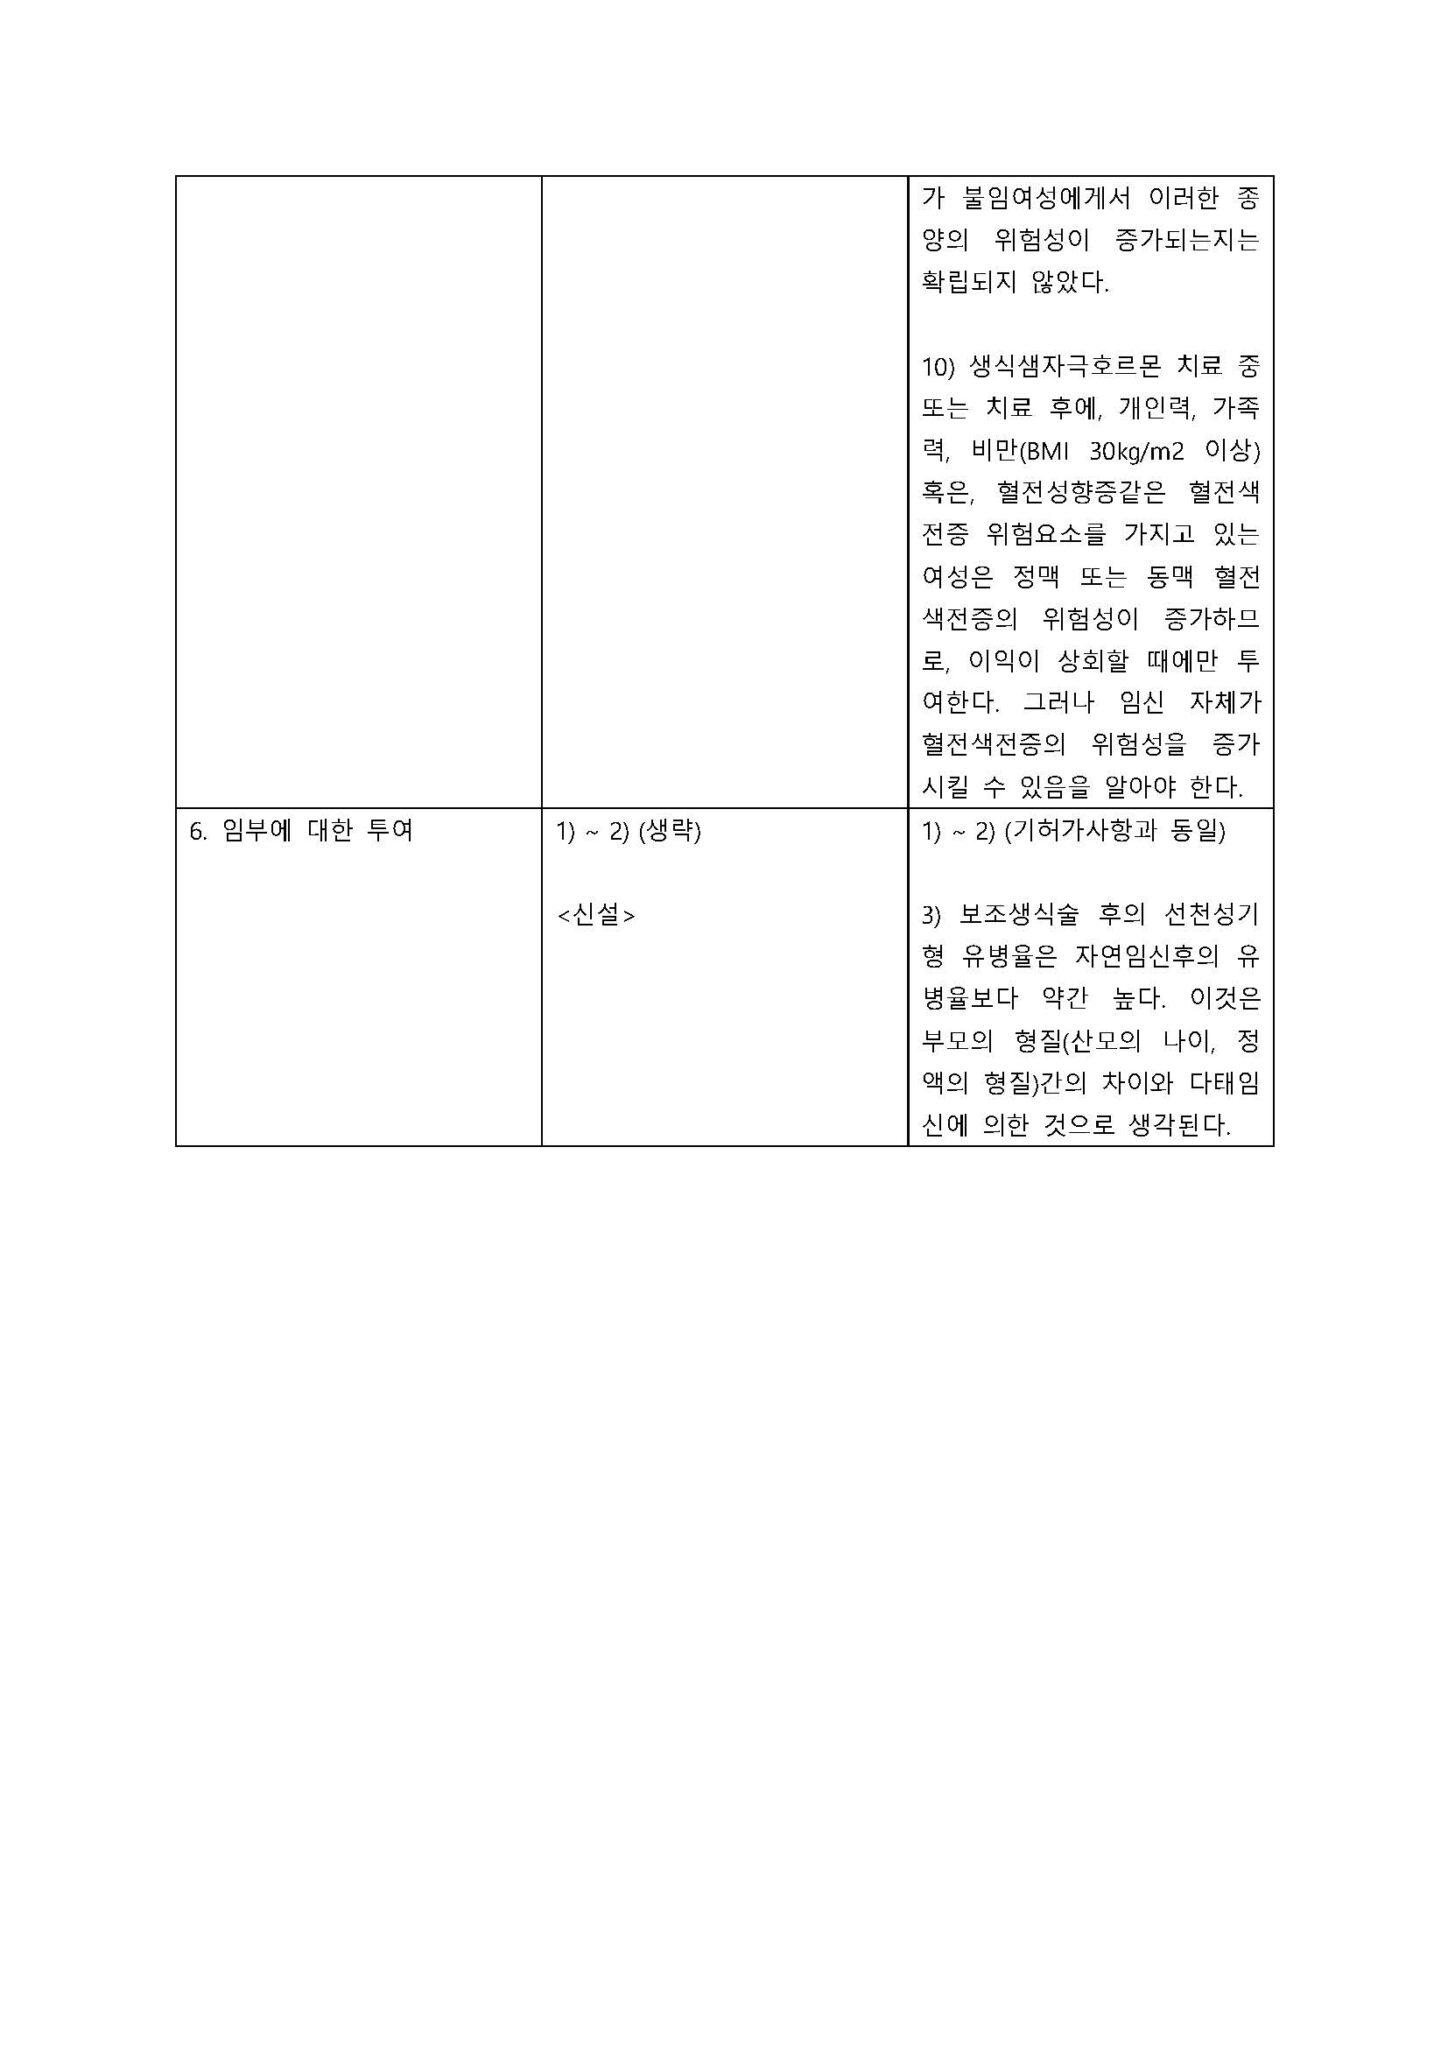 메노푸어주 변경일 2014.05.30